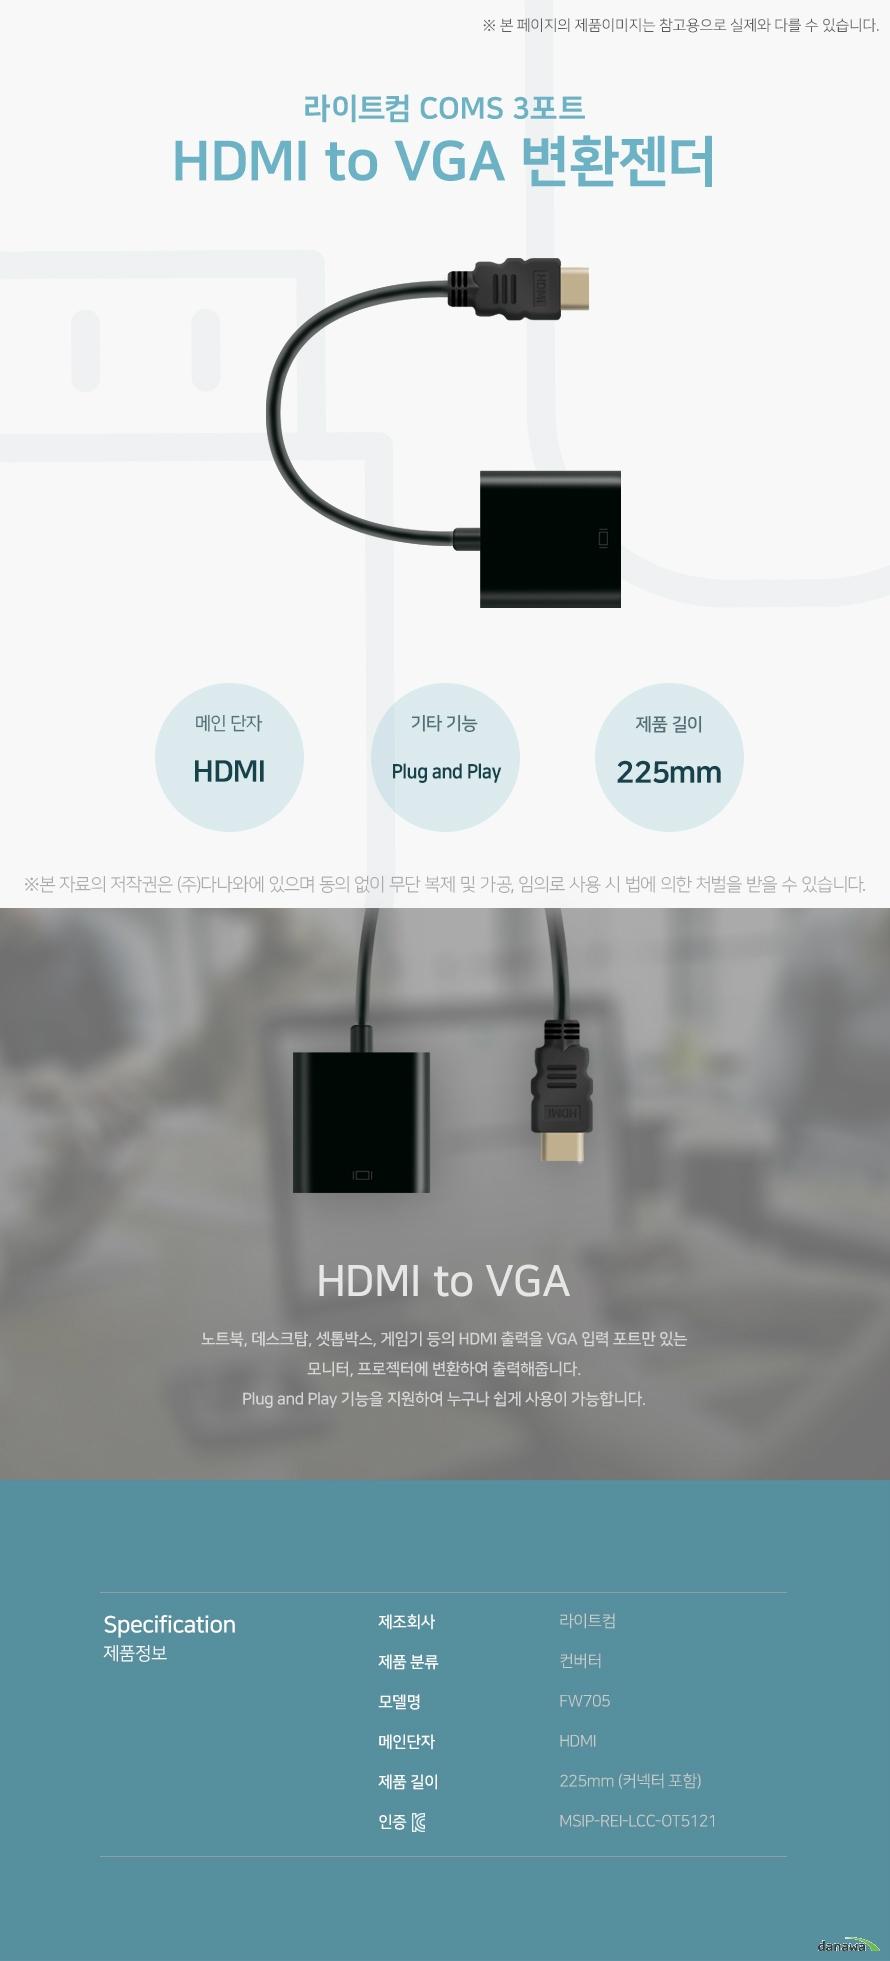 라이트컴 COMS 3포트 HDMI to VGA 변환젠더 HDMI to VGA 노트북, 데스크탑, 셋톱박스, 게임기 등의 HDMI 출력을 VGA 입력 포트만 있는 모니터,   프로젝터에 변환하여 출력해줍니다. Plug and Play 기능을 지원하여 누구나 쉽게 사용이 가능합니다. 스펙 제조회사 라이트컴 제품 분류 컨버터 모델명 FW705 메인단자 HDMI 제품 길이 255mm (커넥터 포함) KC인증 MSIP-REI-LCC-OT5121